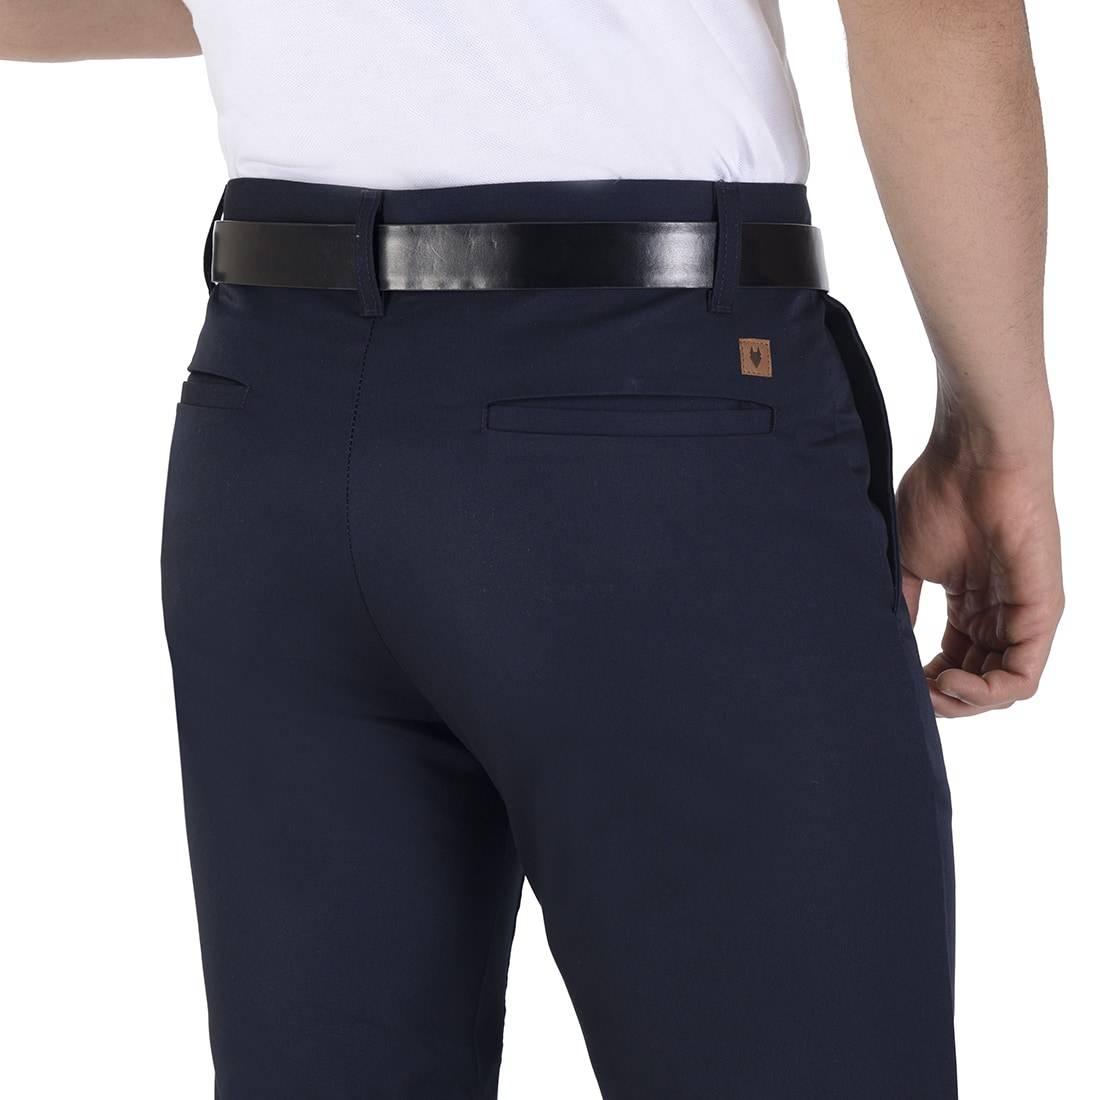 010920418919-04-Pantalon-Casual-Slim-Fit-Marino-yale